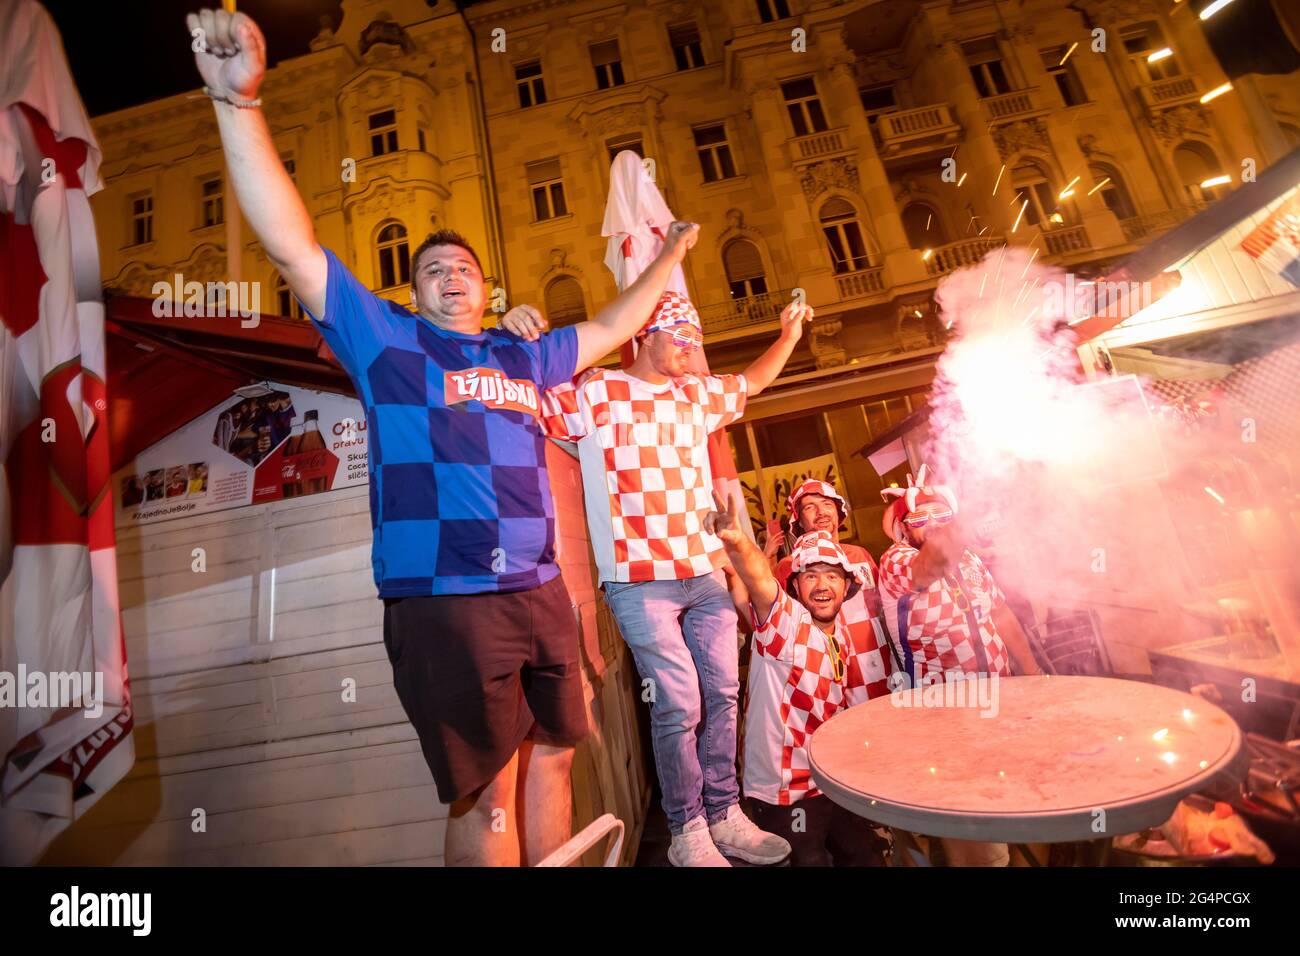 Croacia, 22/06/2021, el ambiente en la plaza Ban Josip Jelacic mientras observaba un partido de fútbol entre Croacia y Escocia en la Eurocopa 2020 para avanzar a la ronda de 16. Los aficionados celebran la victoria de Croacia 3-1 sobre Escocia y avanzan a la ronda de 16. Foto de stock